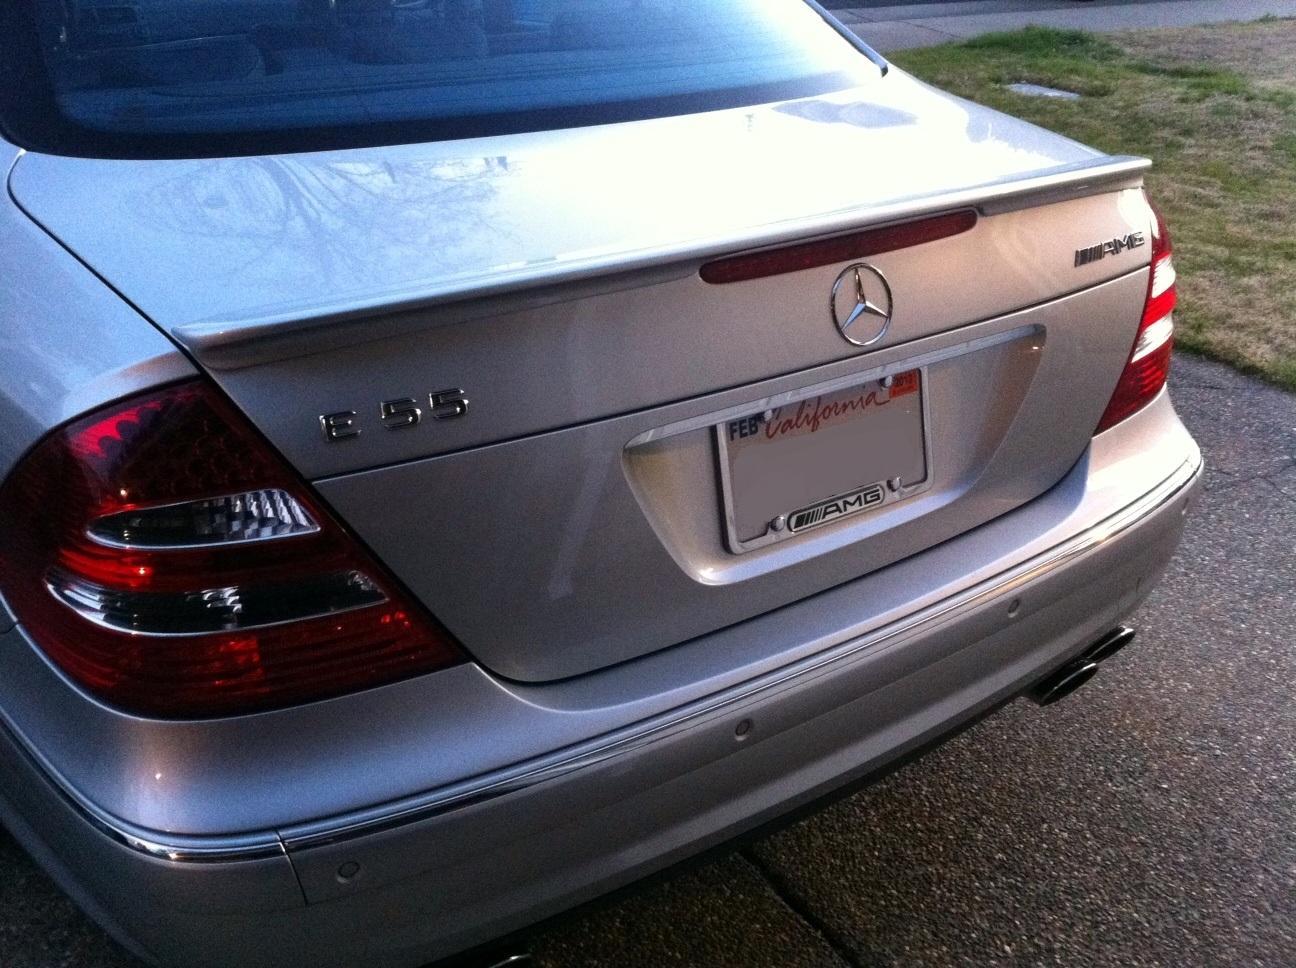 Mercedes E55 AMG: E55 AMG Mods & Upgrades